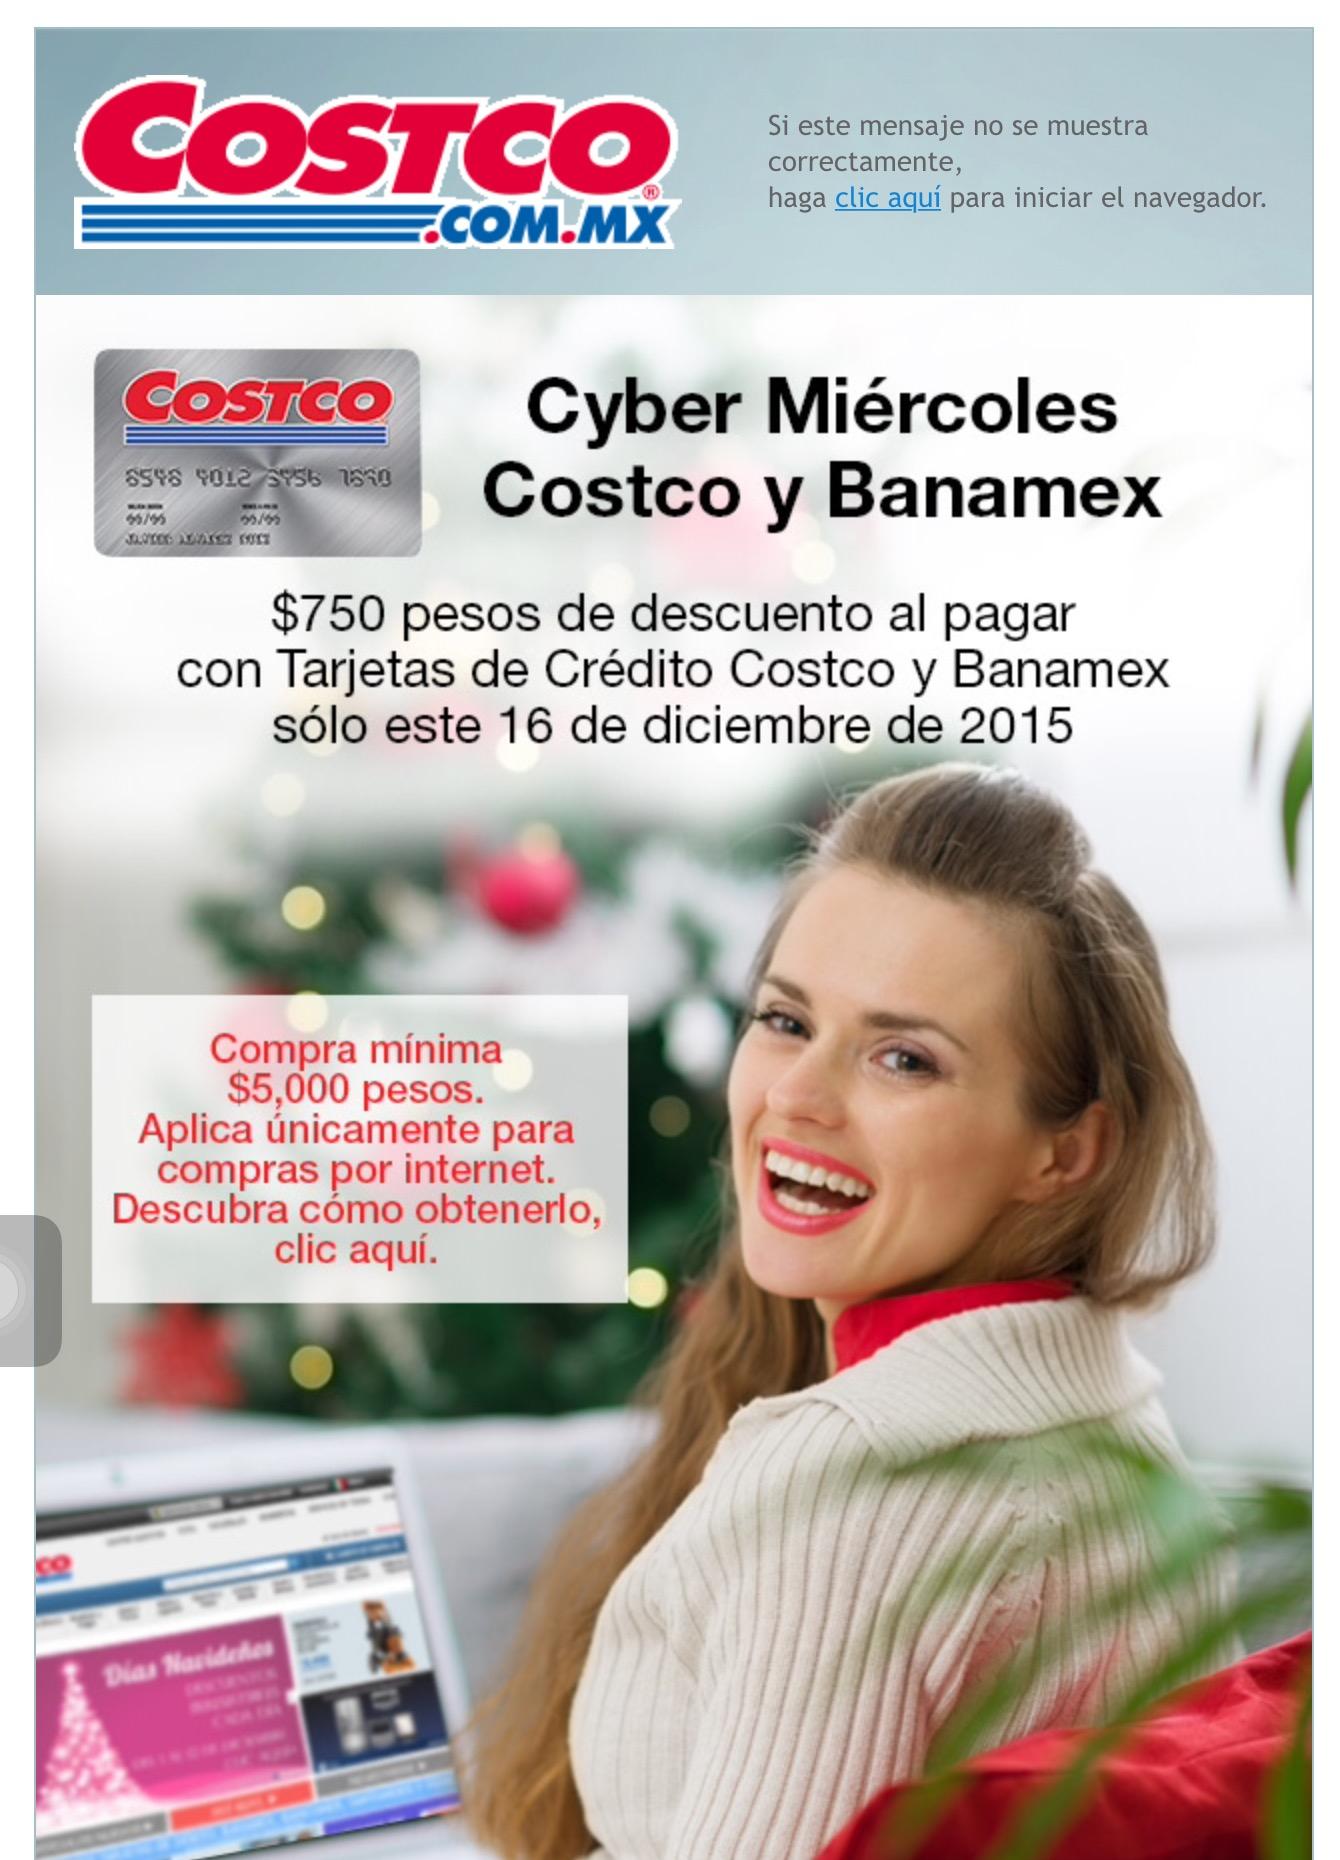 Costco (Cyber miércoles): $750 de descuento en compras superiores a $5000 pagando con tarjetas Costco o Banamex